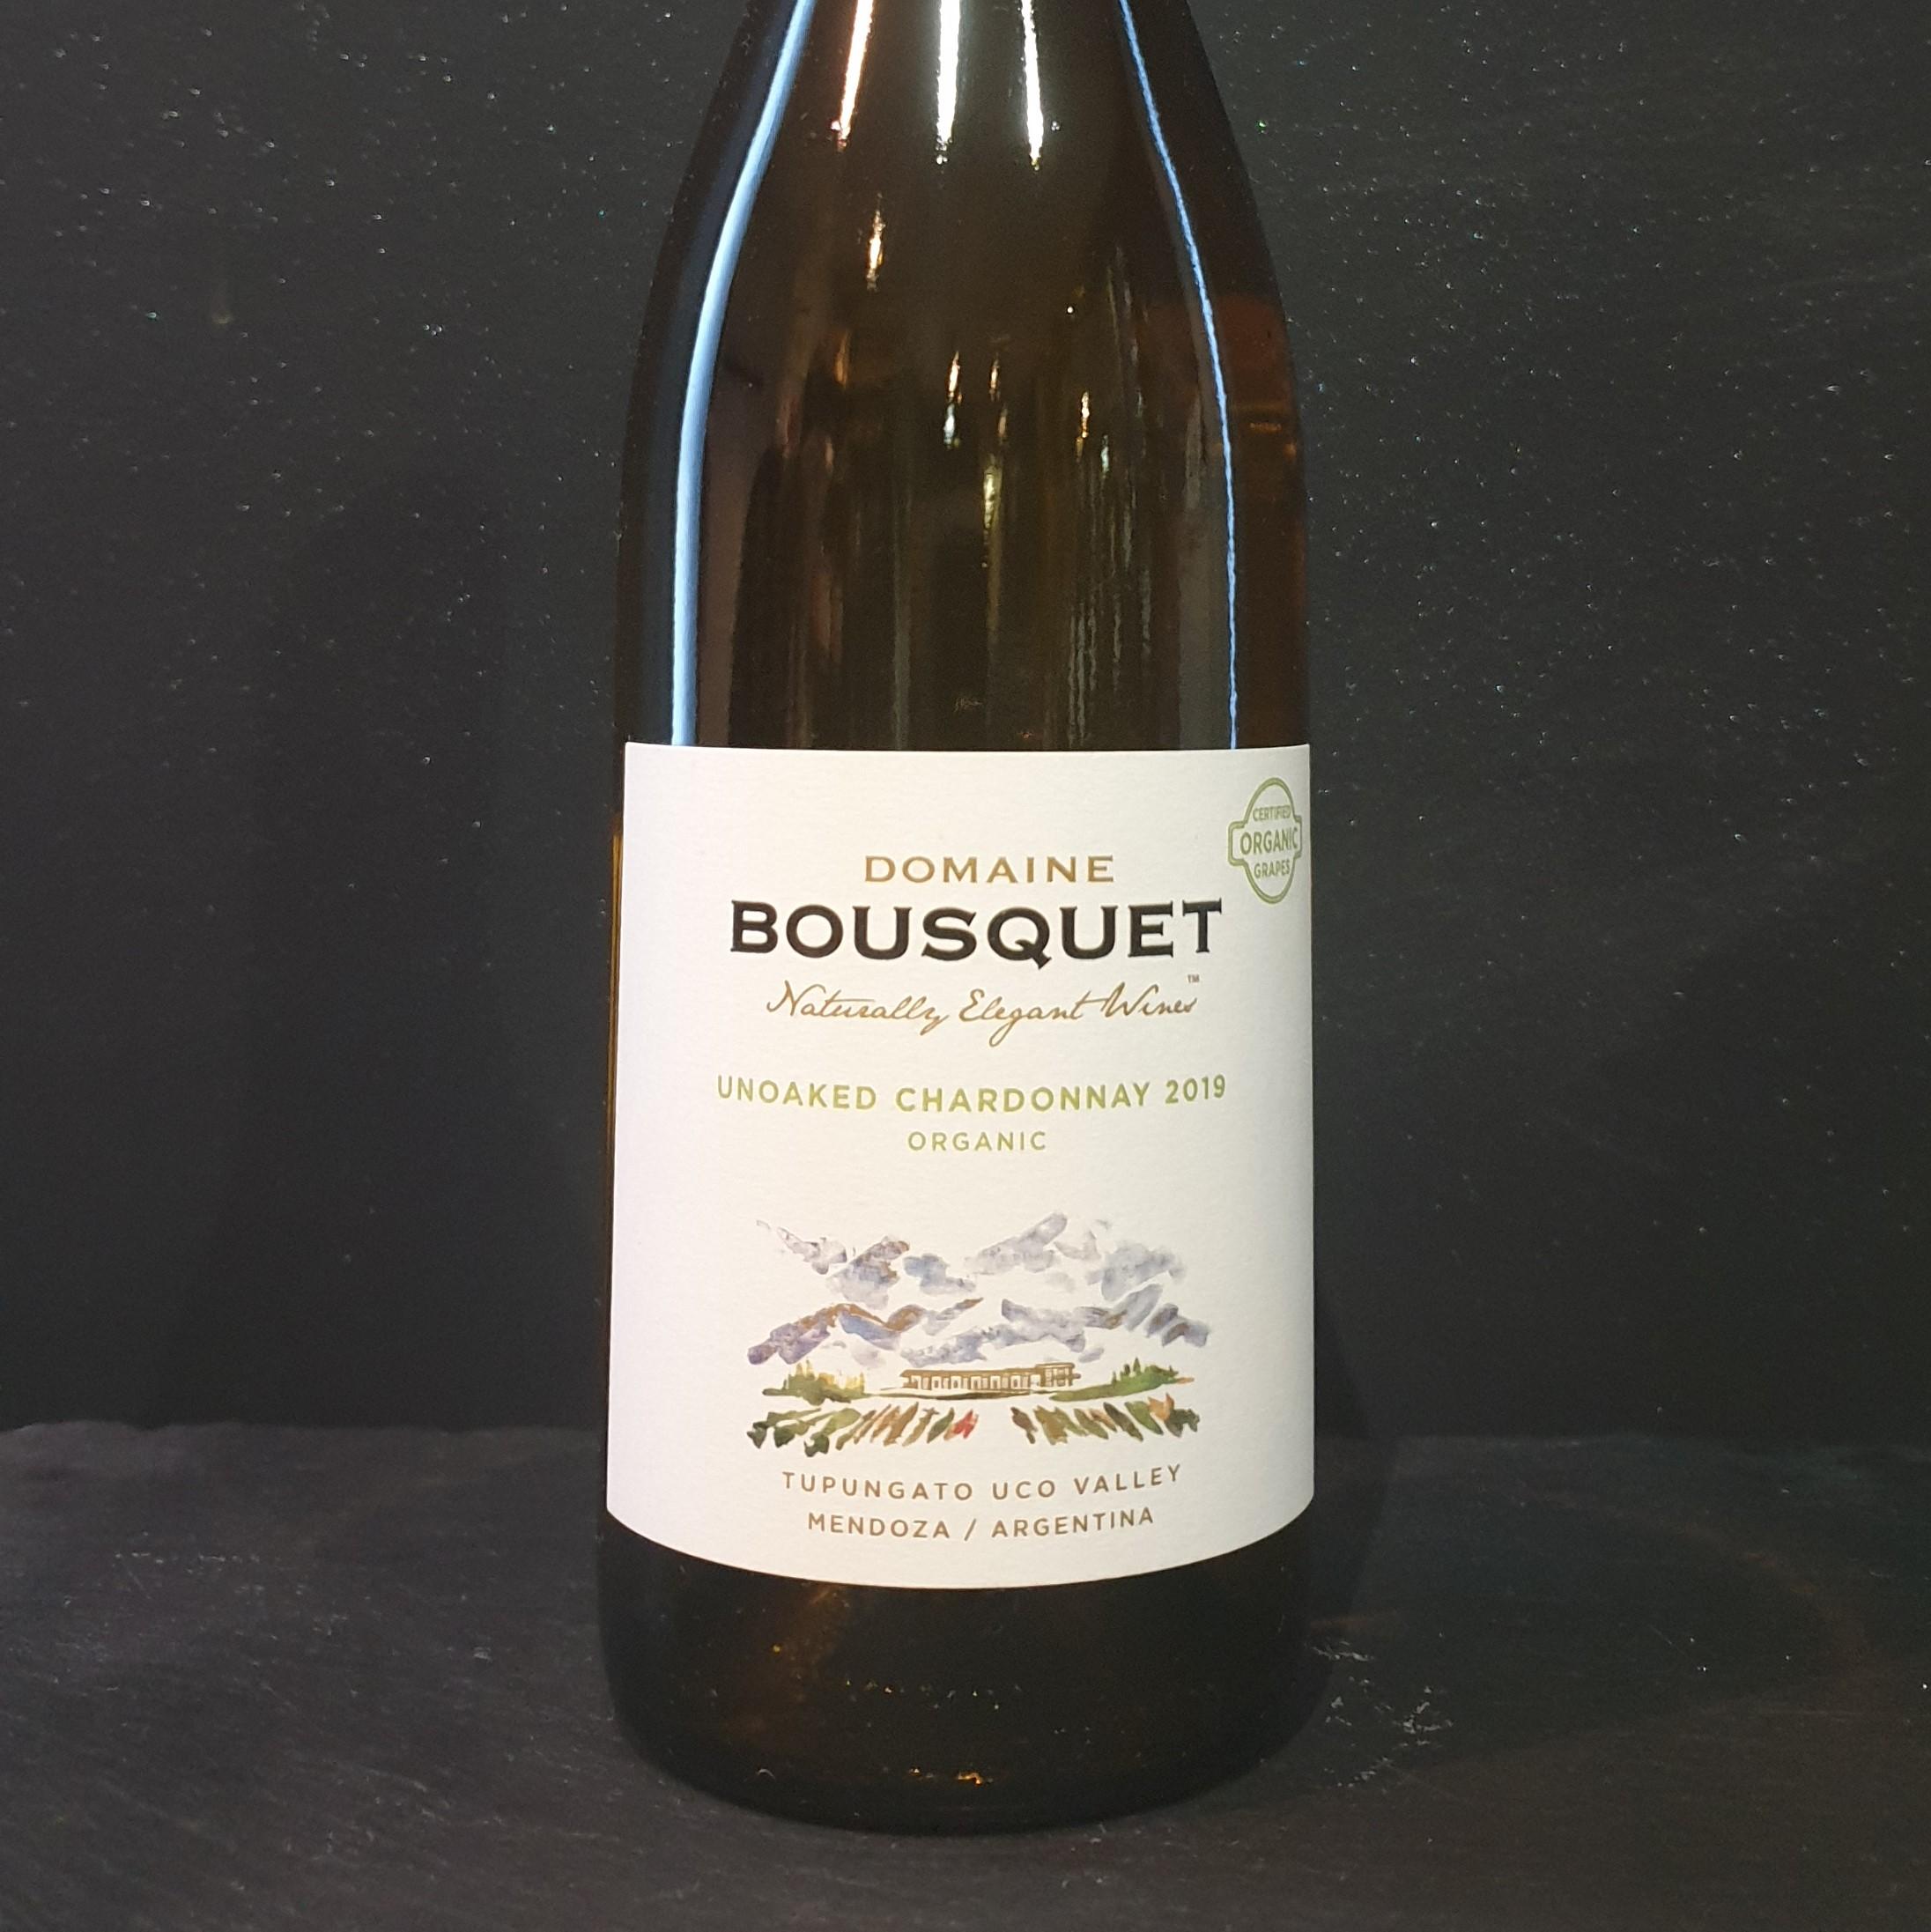 Domaine Bousquet Unoaked Chardonnay